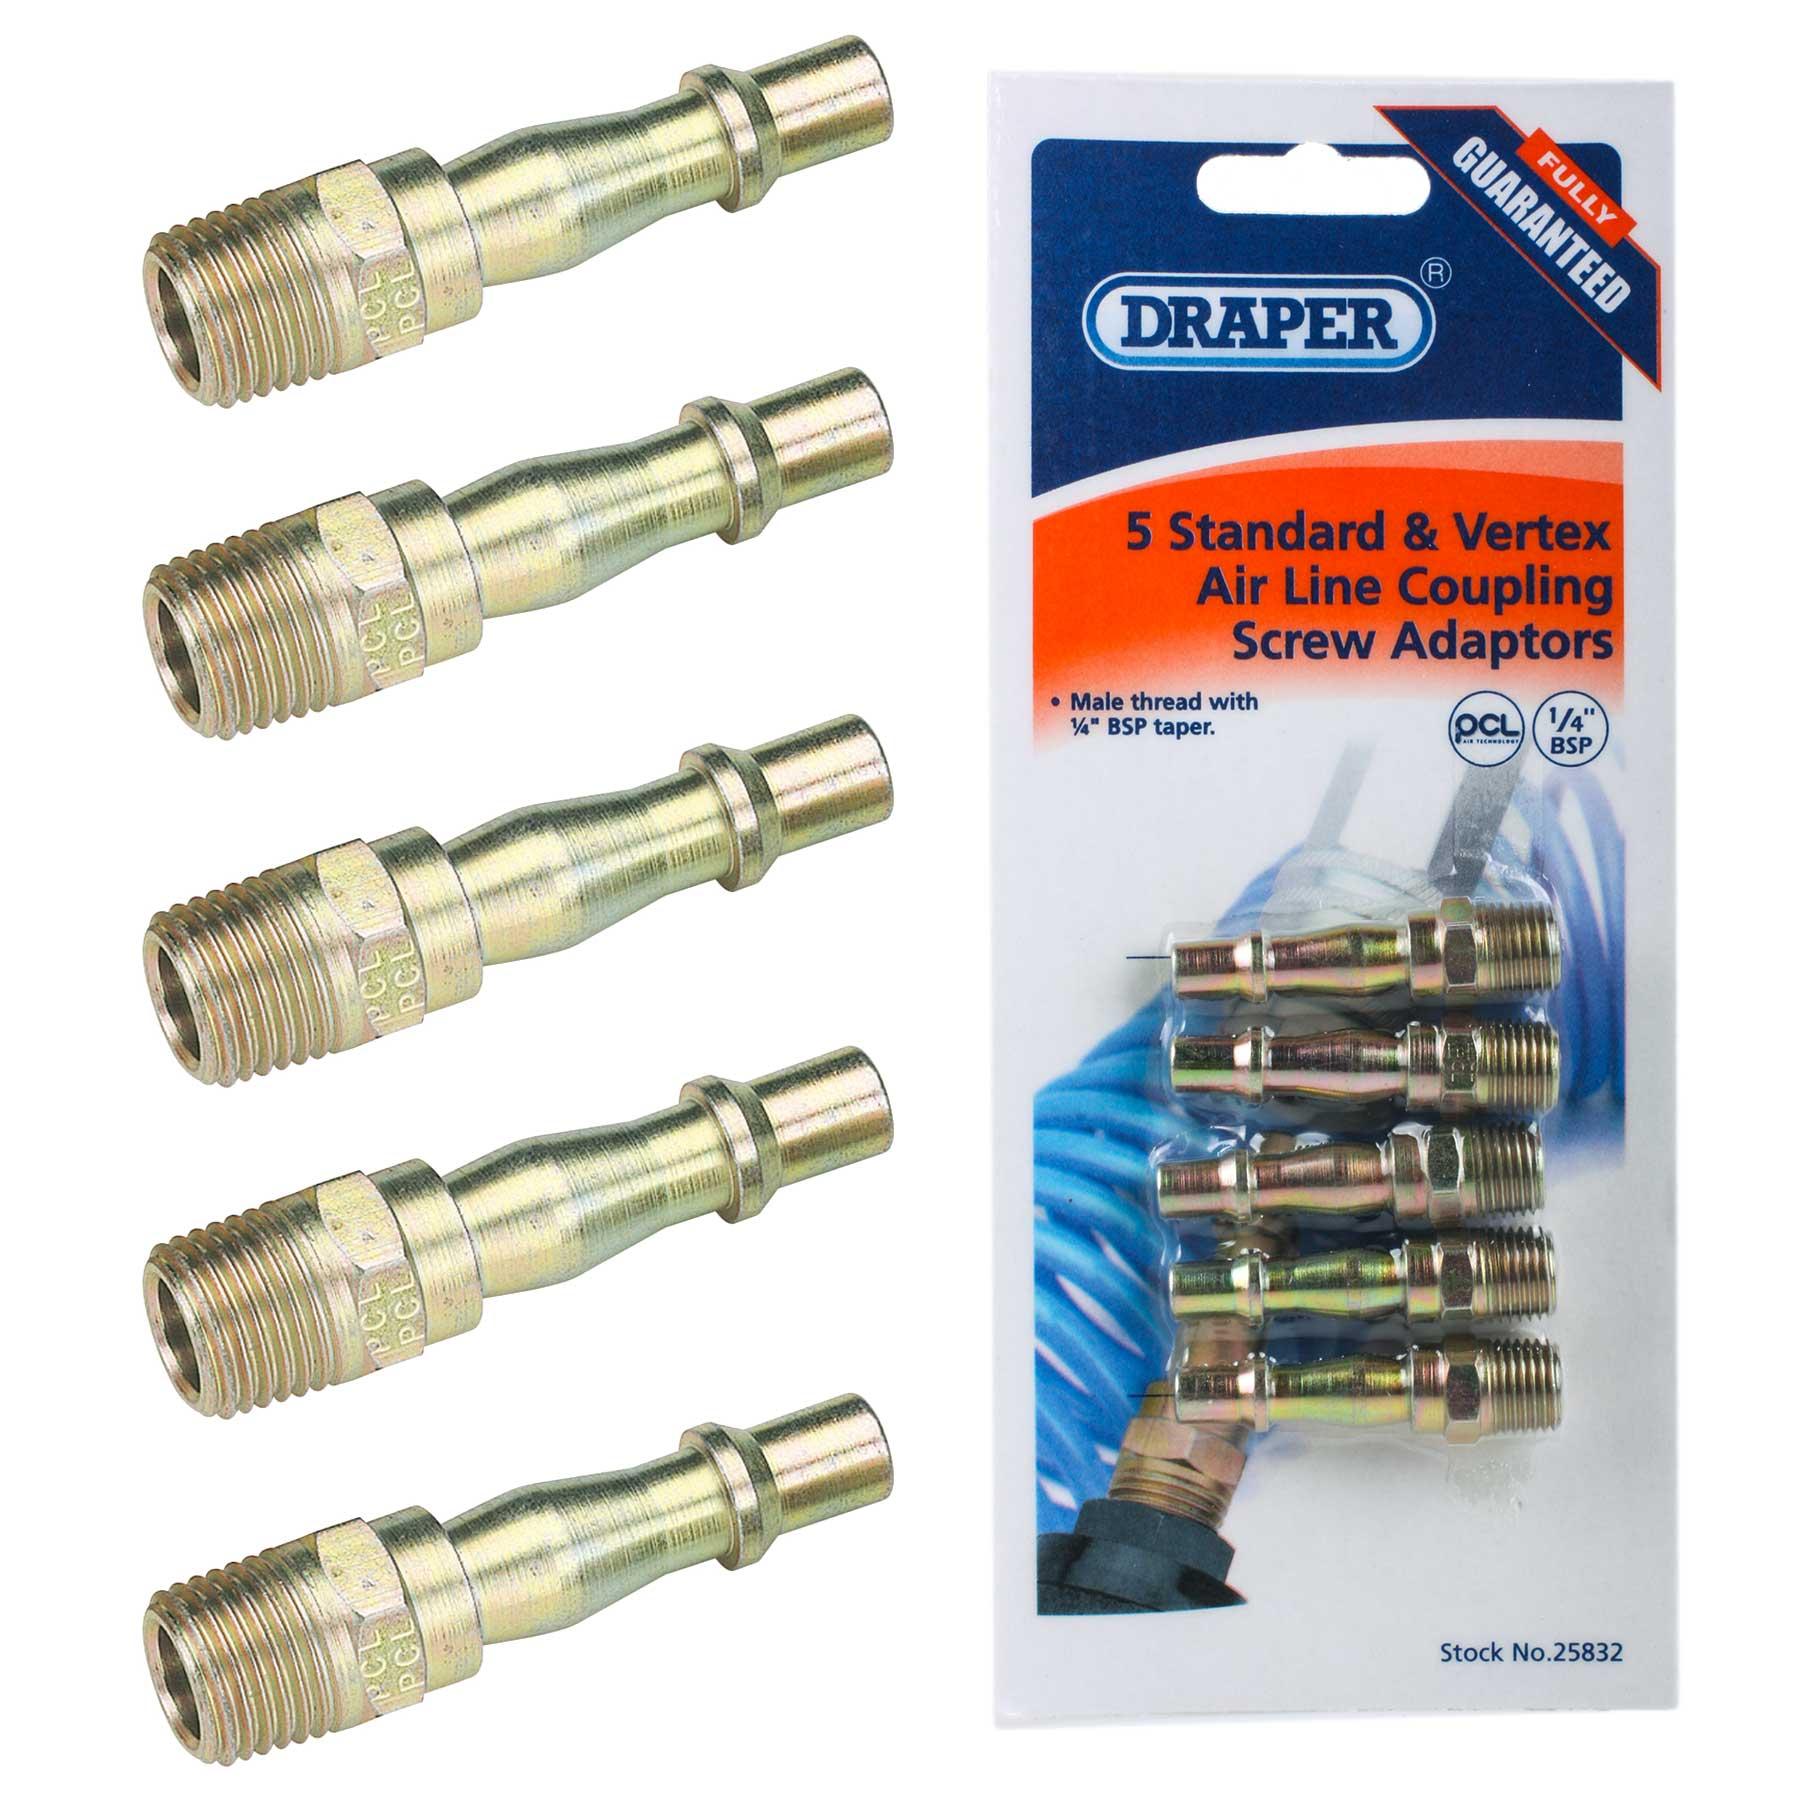 Draper 25832 A2593 5 Pack Air Tools 1/4 BSP Screwed Connectors Thumbnail 1